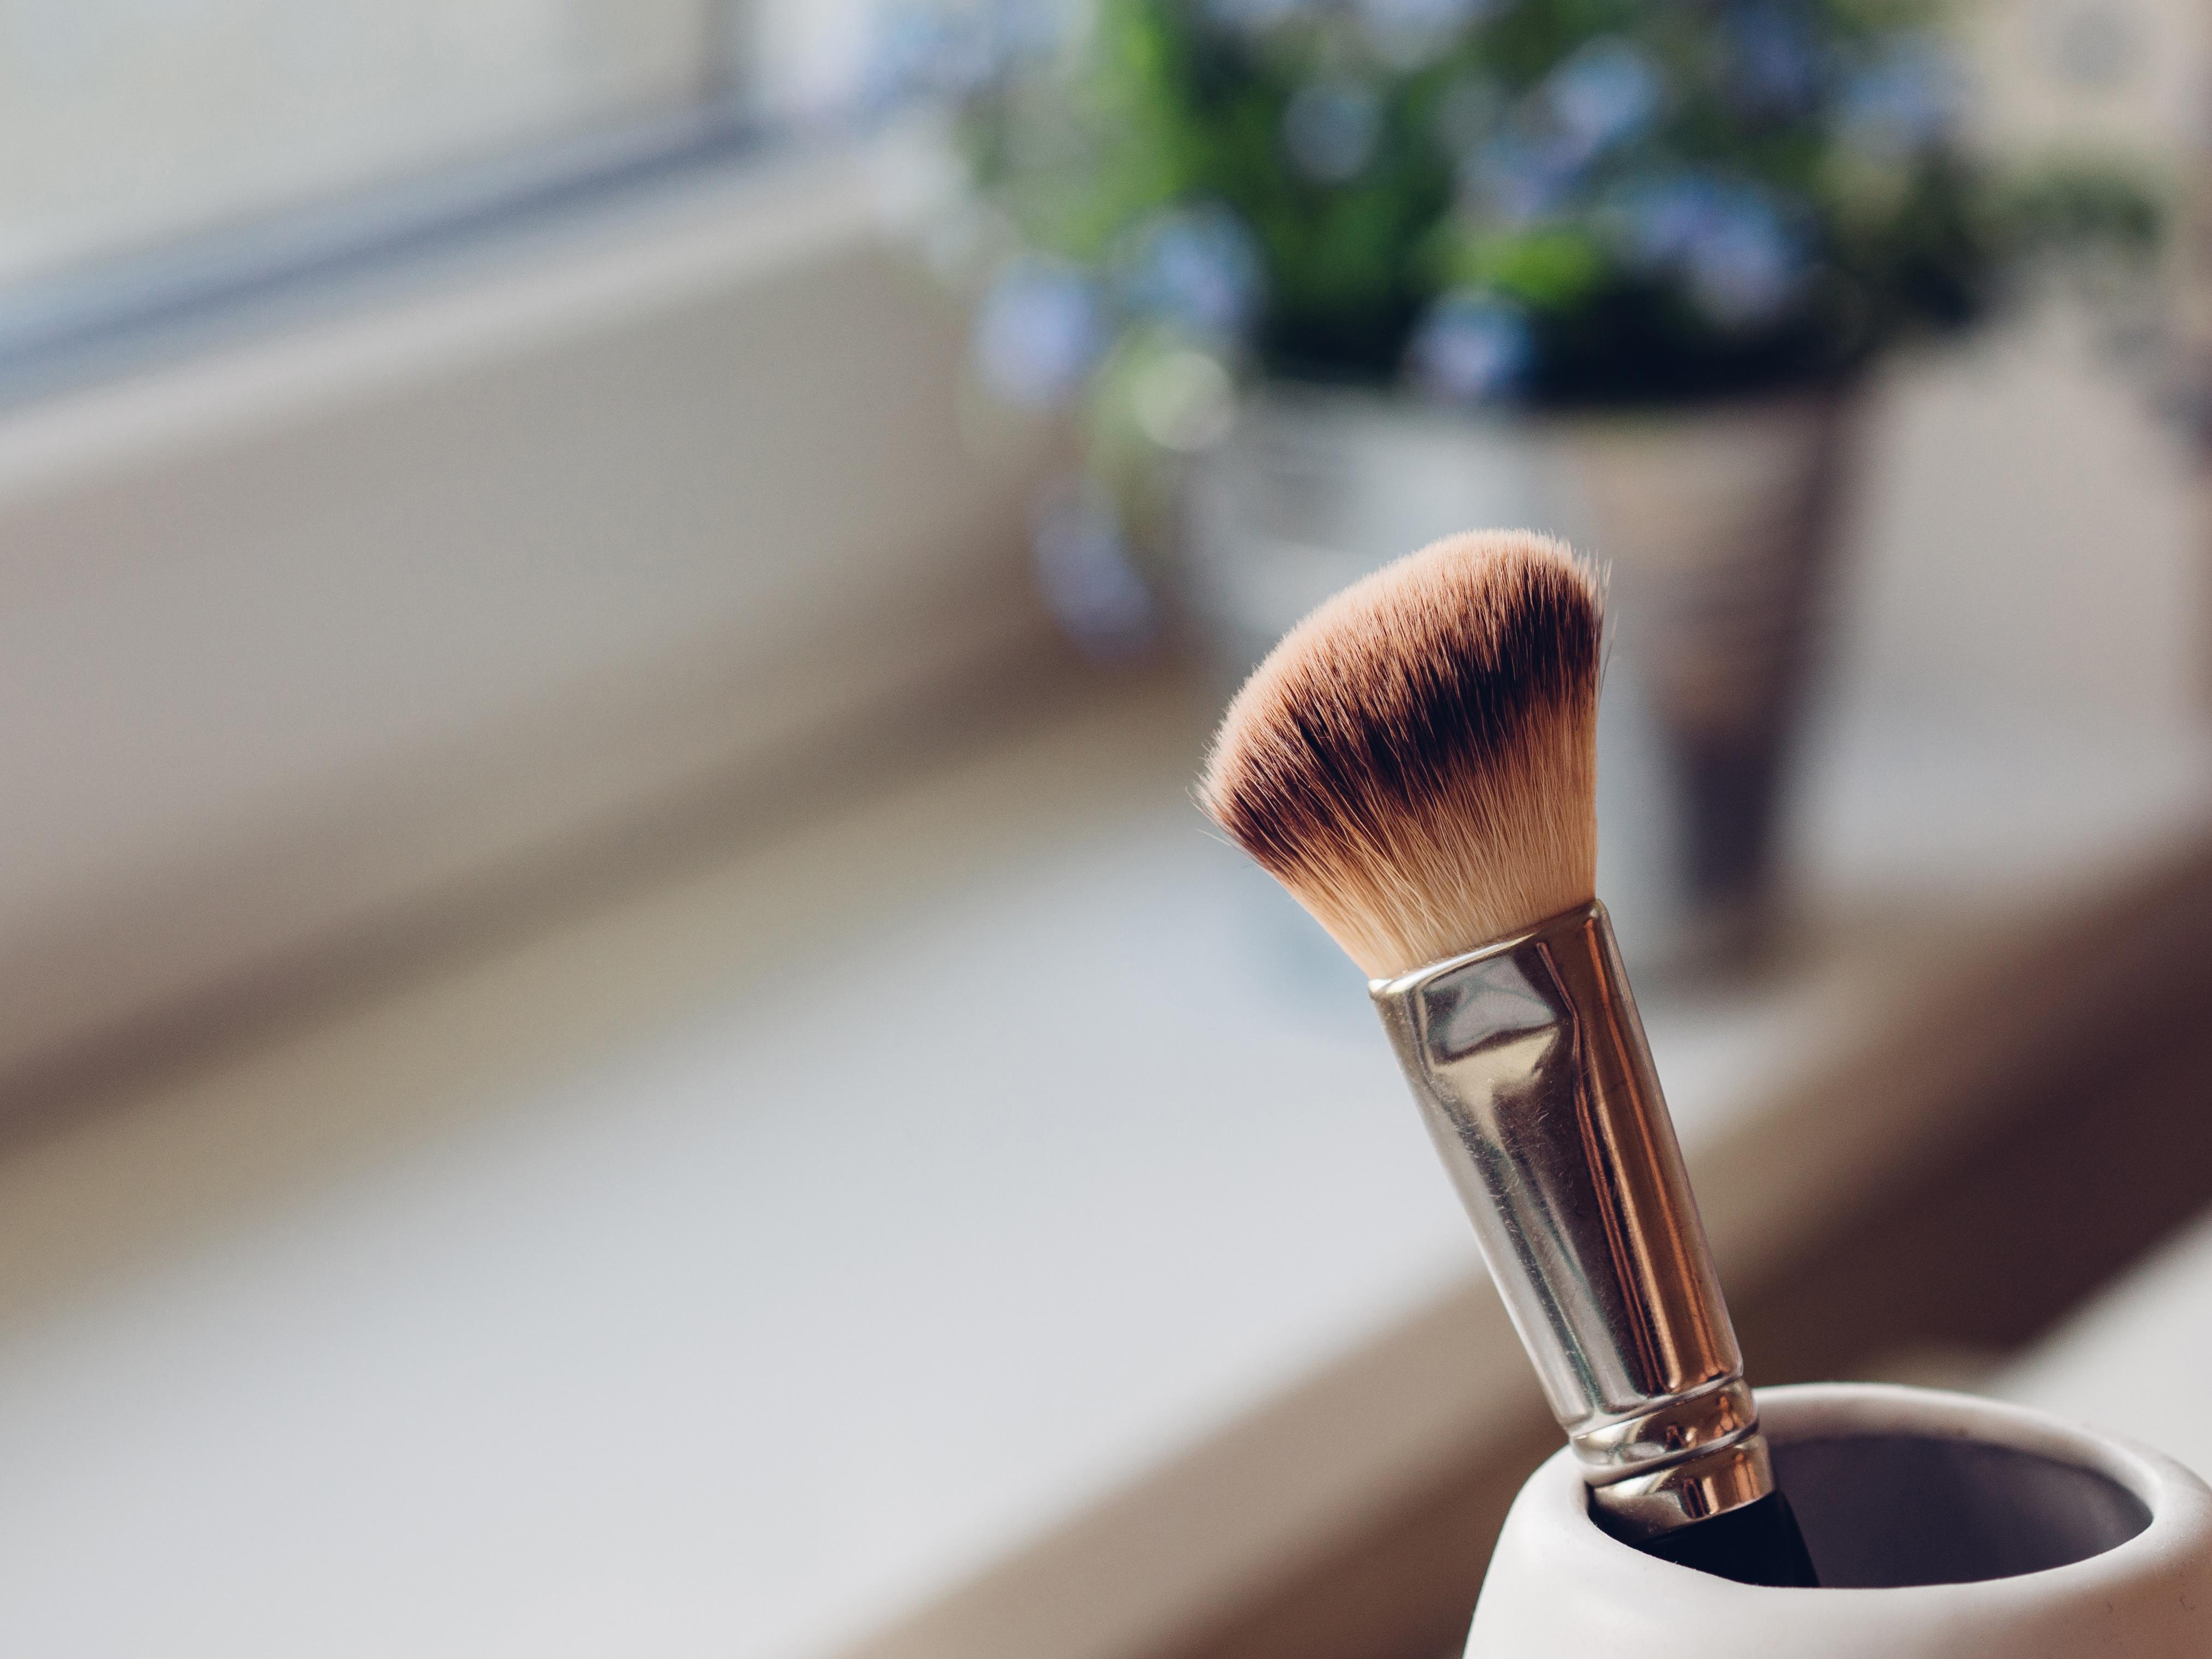 migraines_and_cosmetics.jpg